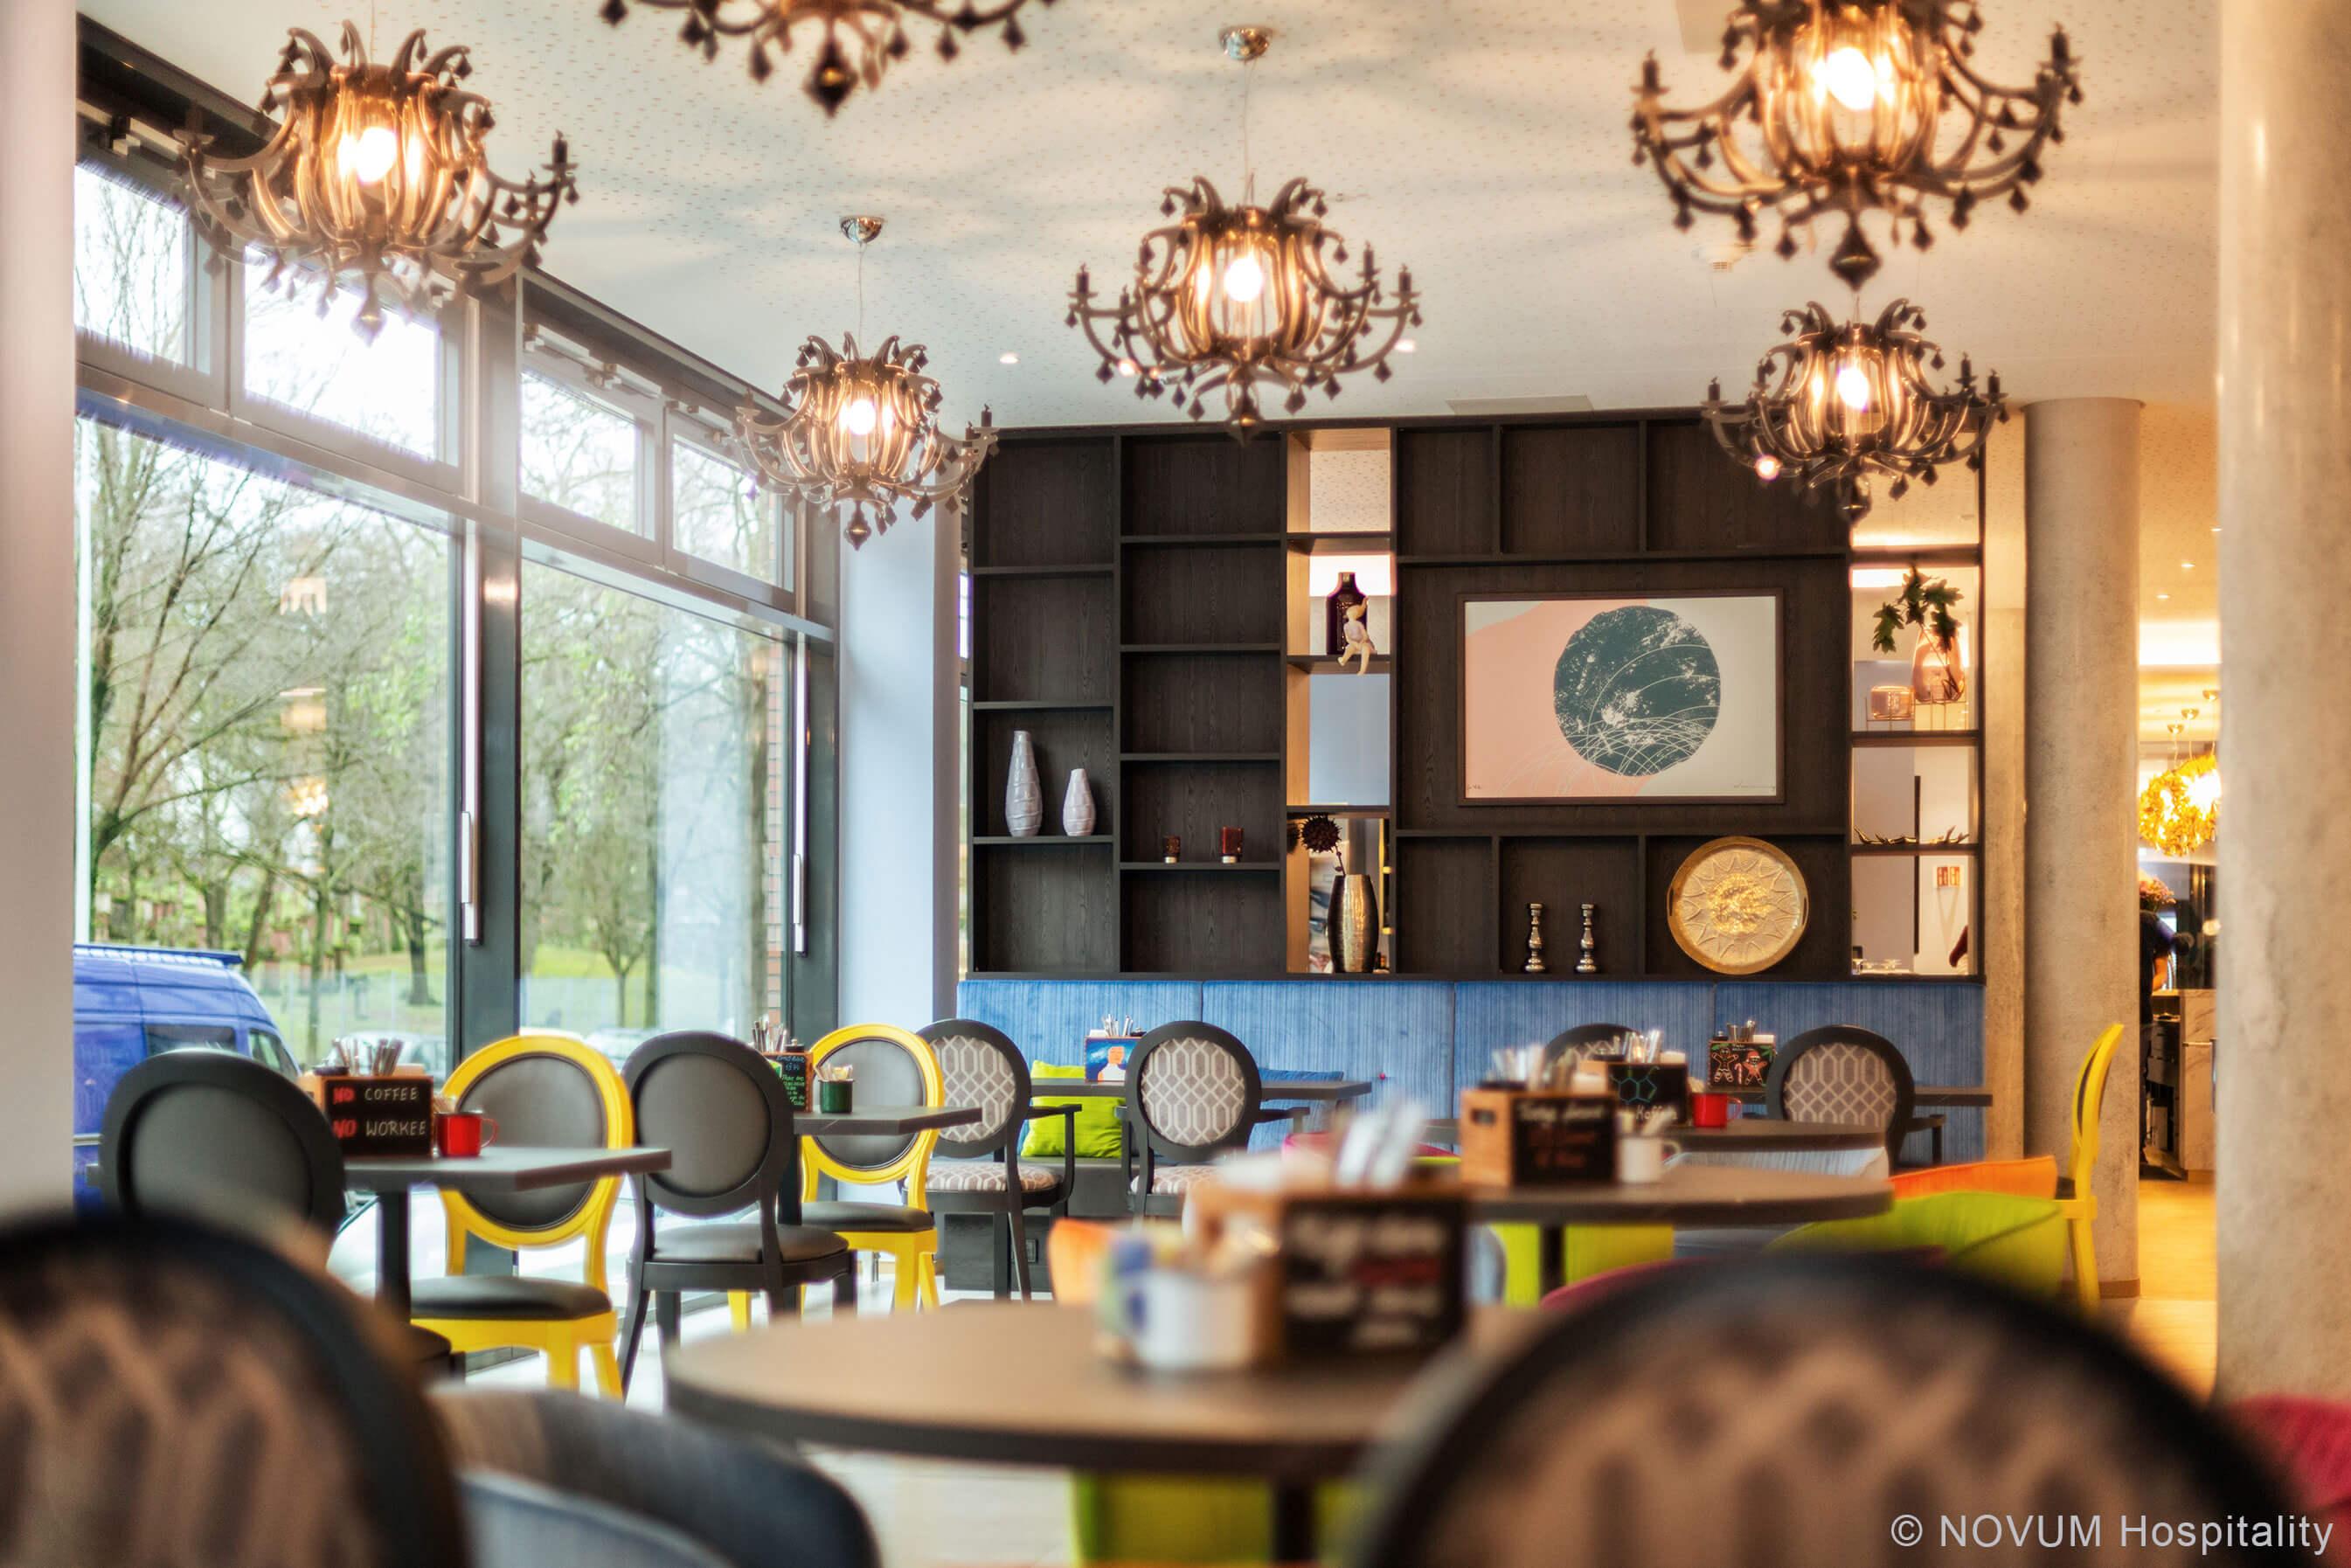 hotelausstattung-hoteleinrichtungen-bachhuber-Hotel-MIU_Mood_02